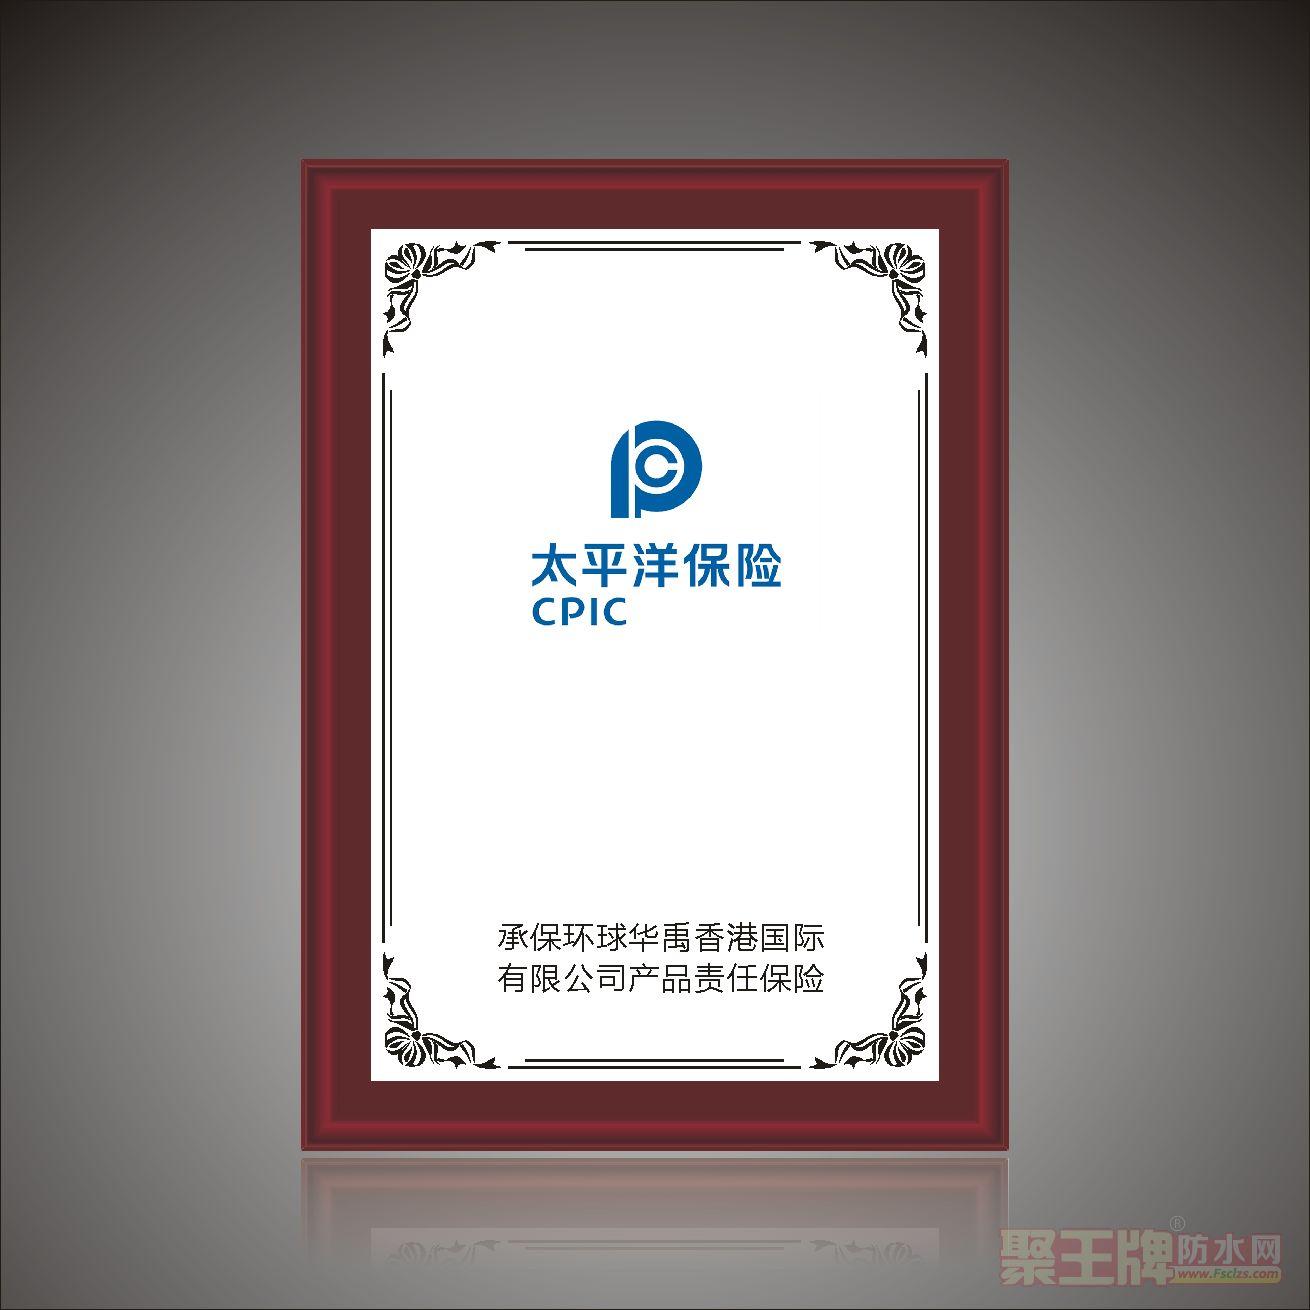 太平洋保险认证